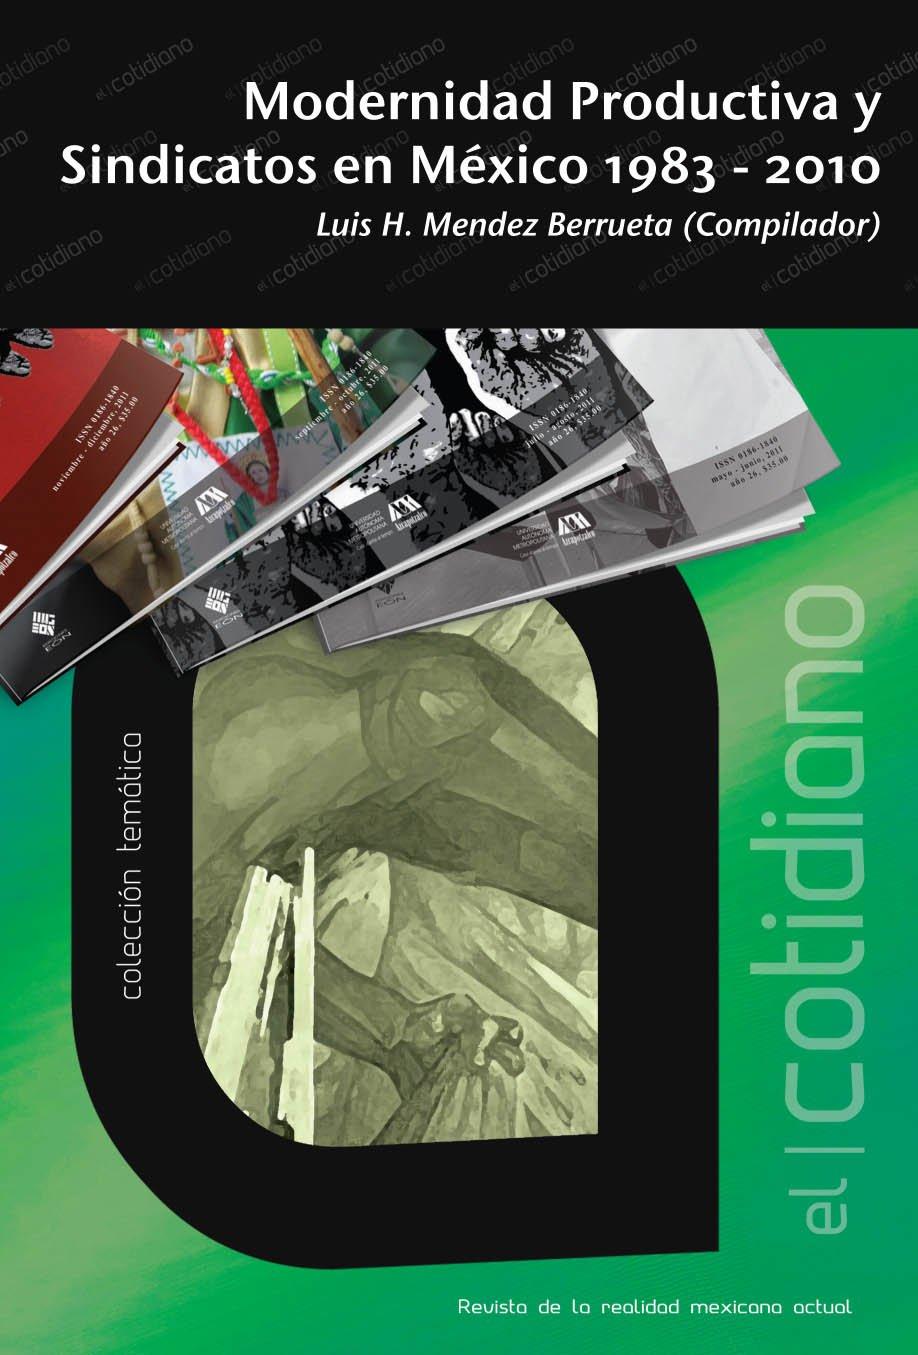 Modernidad productiva y sindicatos en México: 1983-2010 (Spanish Edition)